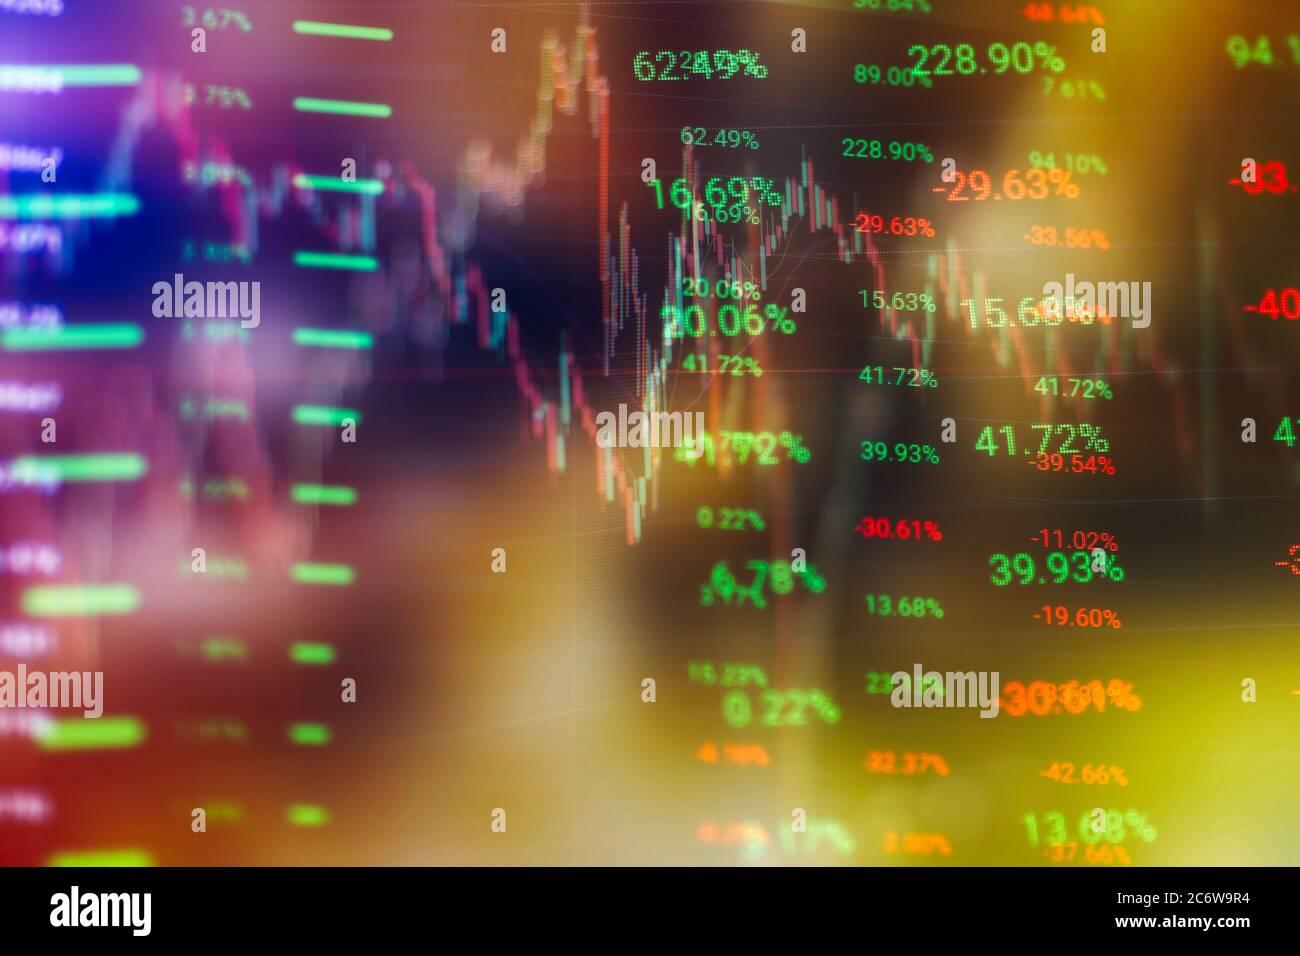 Concetto di mercato azionario e fintech. Carte digitali blu sfocate su sfondo blu scuro. Interfaccia finanziaria futuristica. Foto Stock